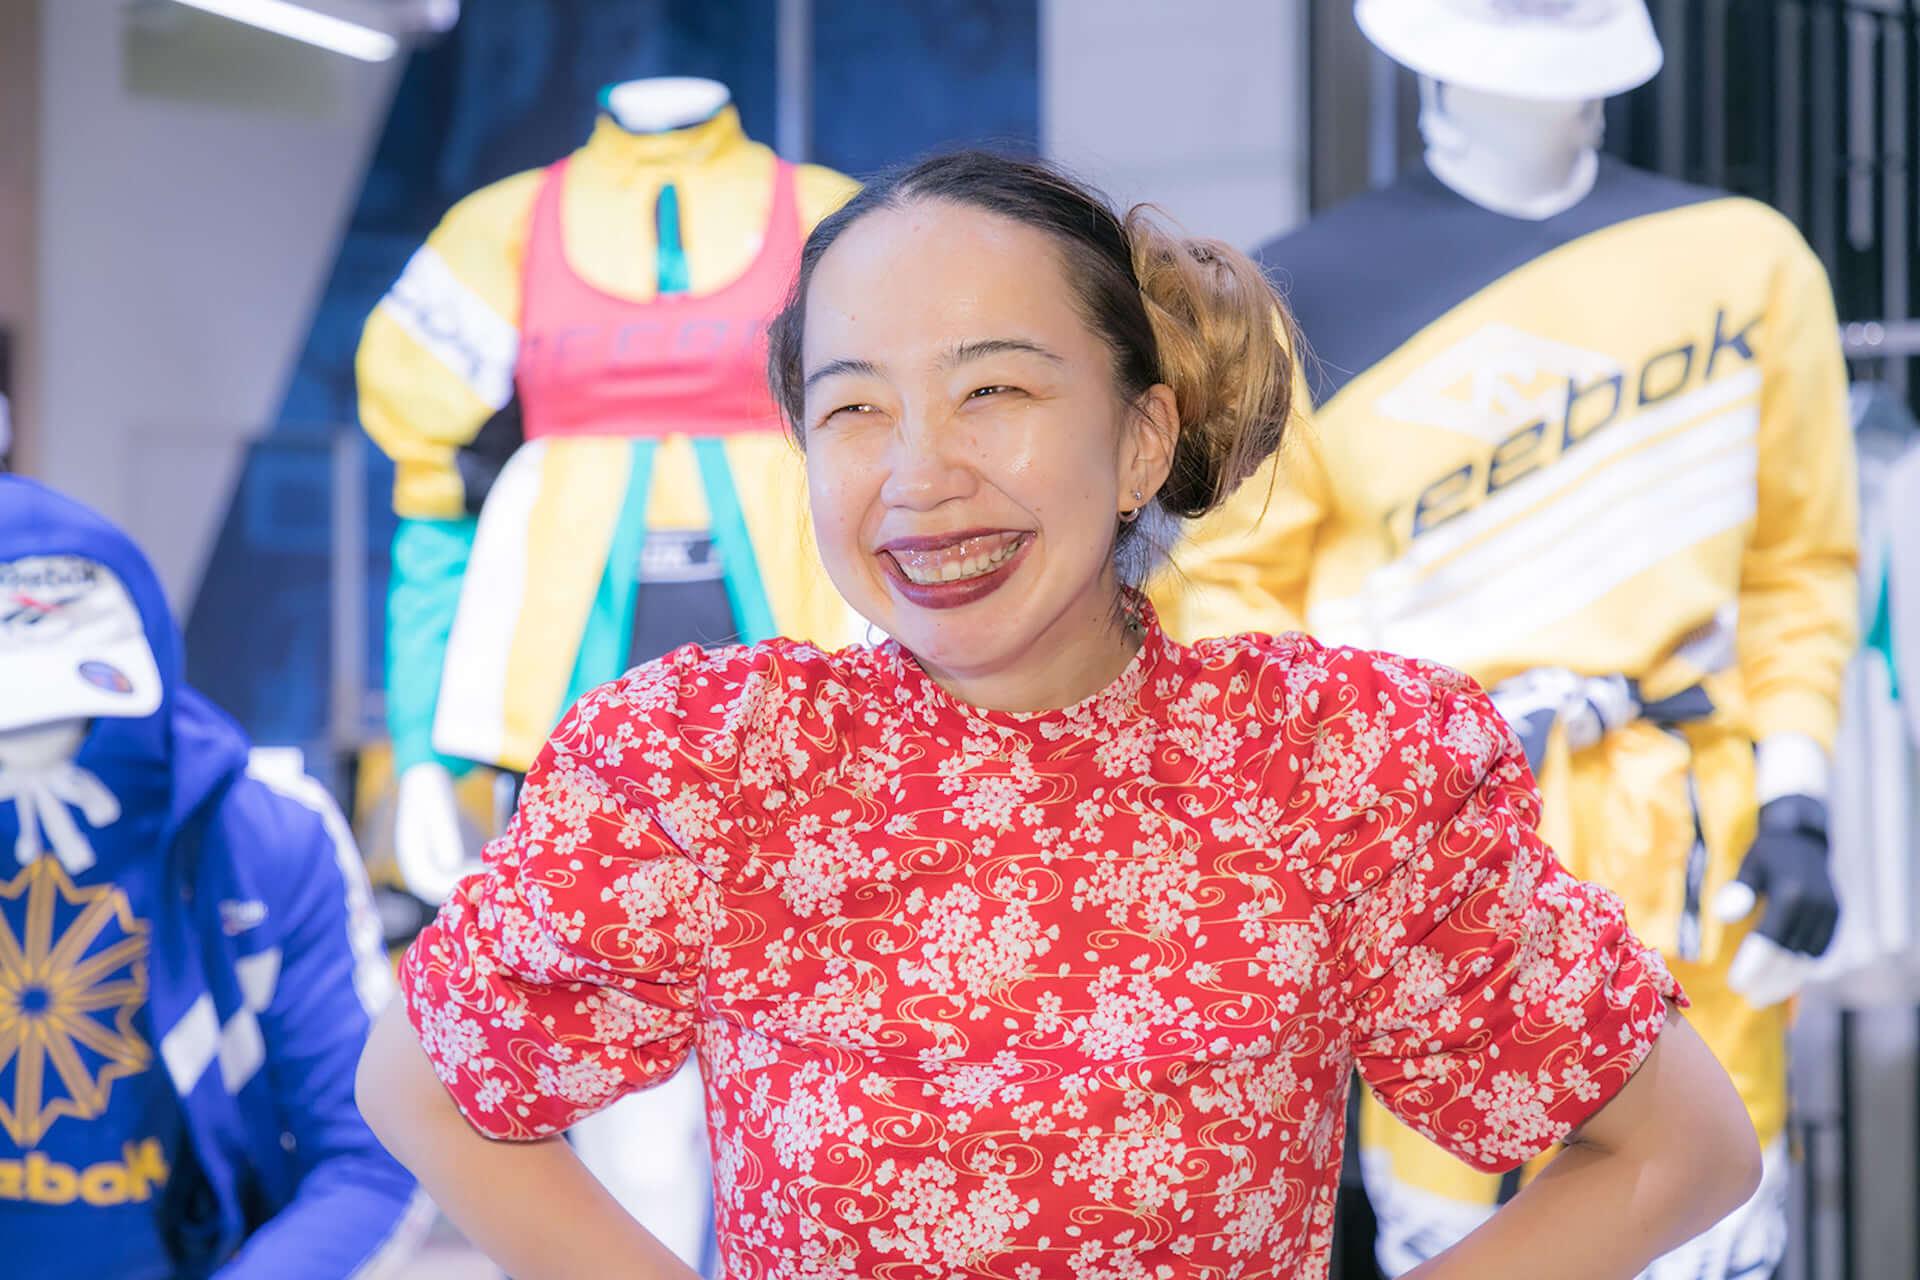 フィットネスとファッションを融合するReebok Store Shibuyaがオープン スタイリングプロジェクト実施、限定アイテムも life190913_reebok_5-1920x1280